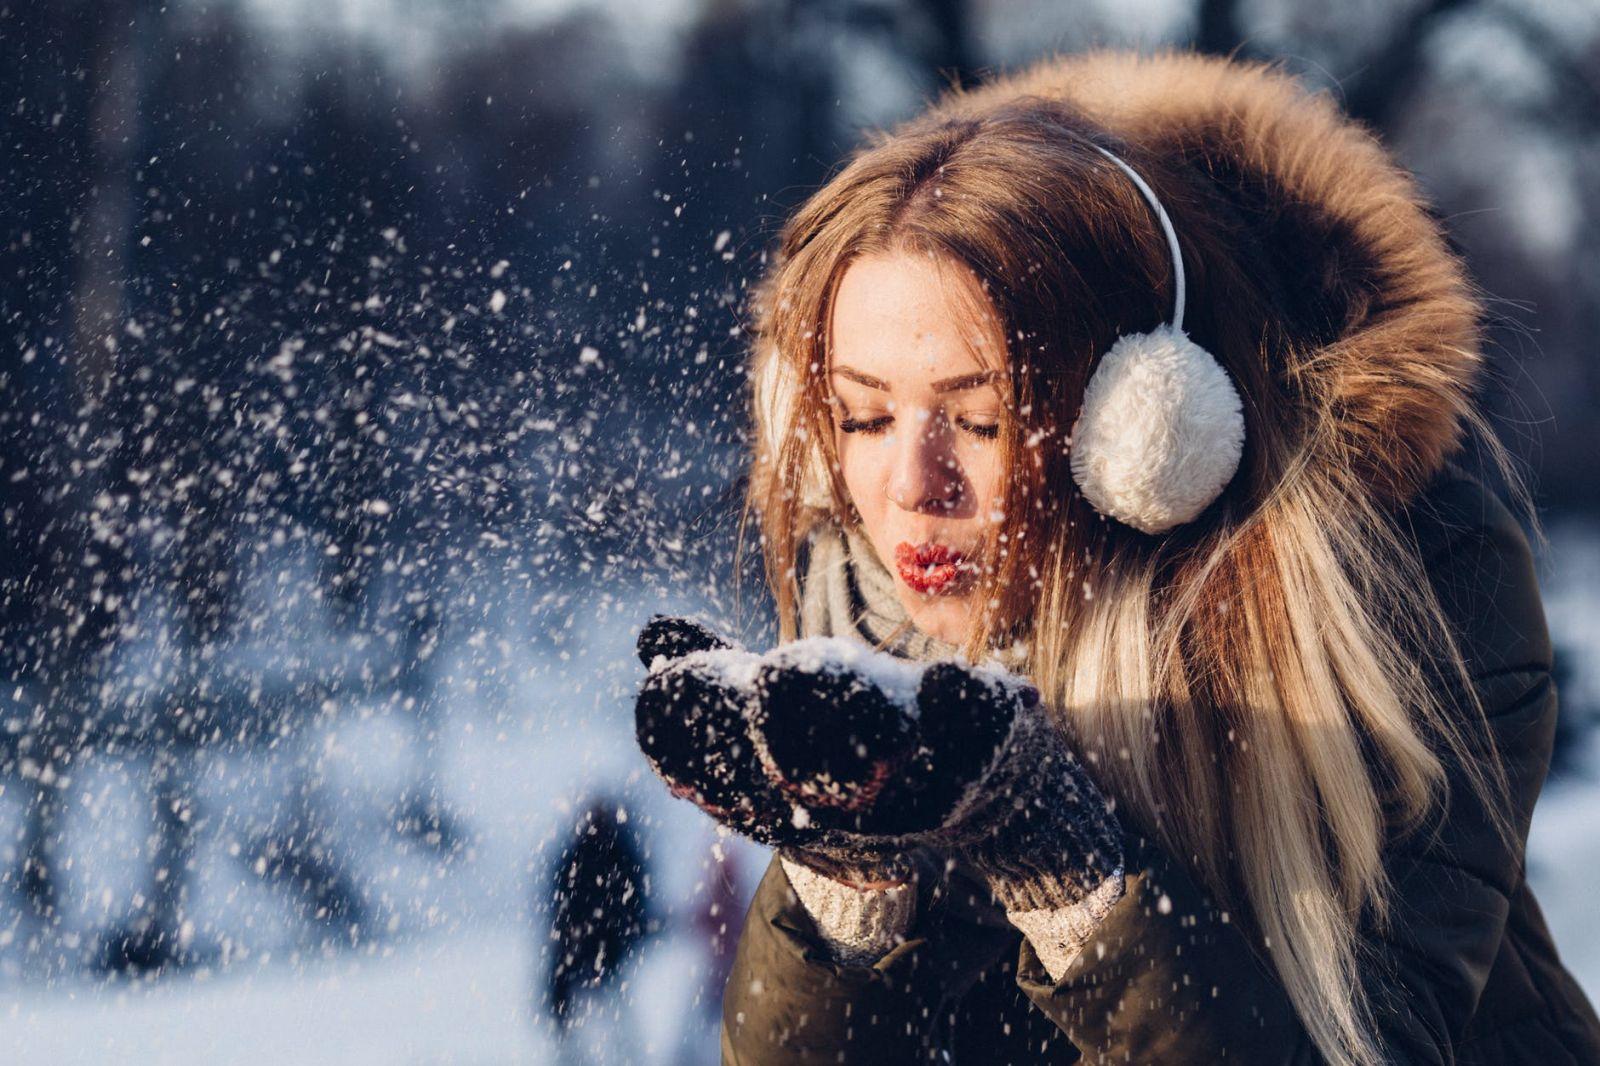 Provedite zimu napolju na svežem vazduhu